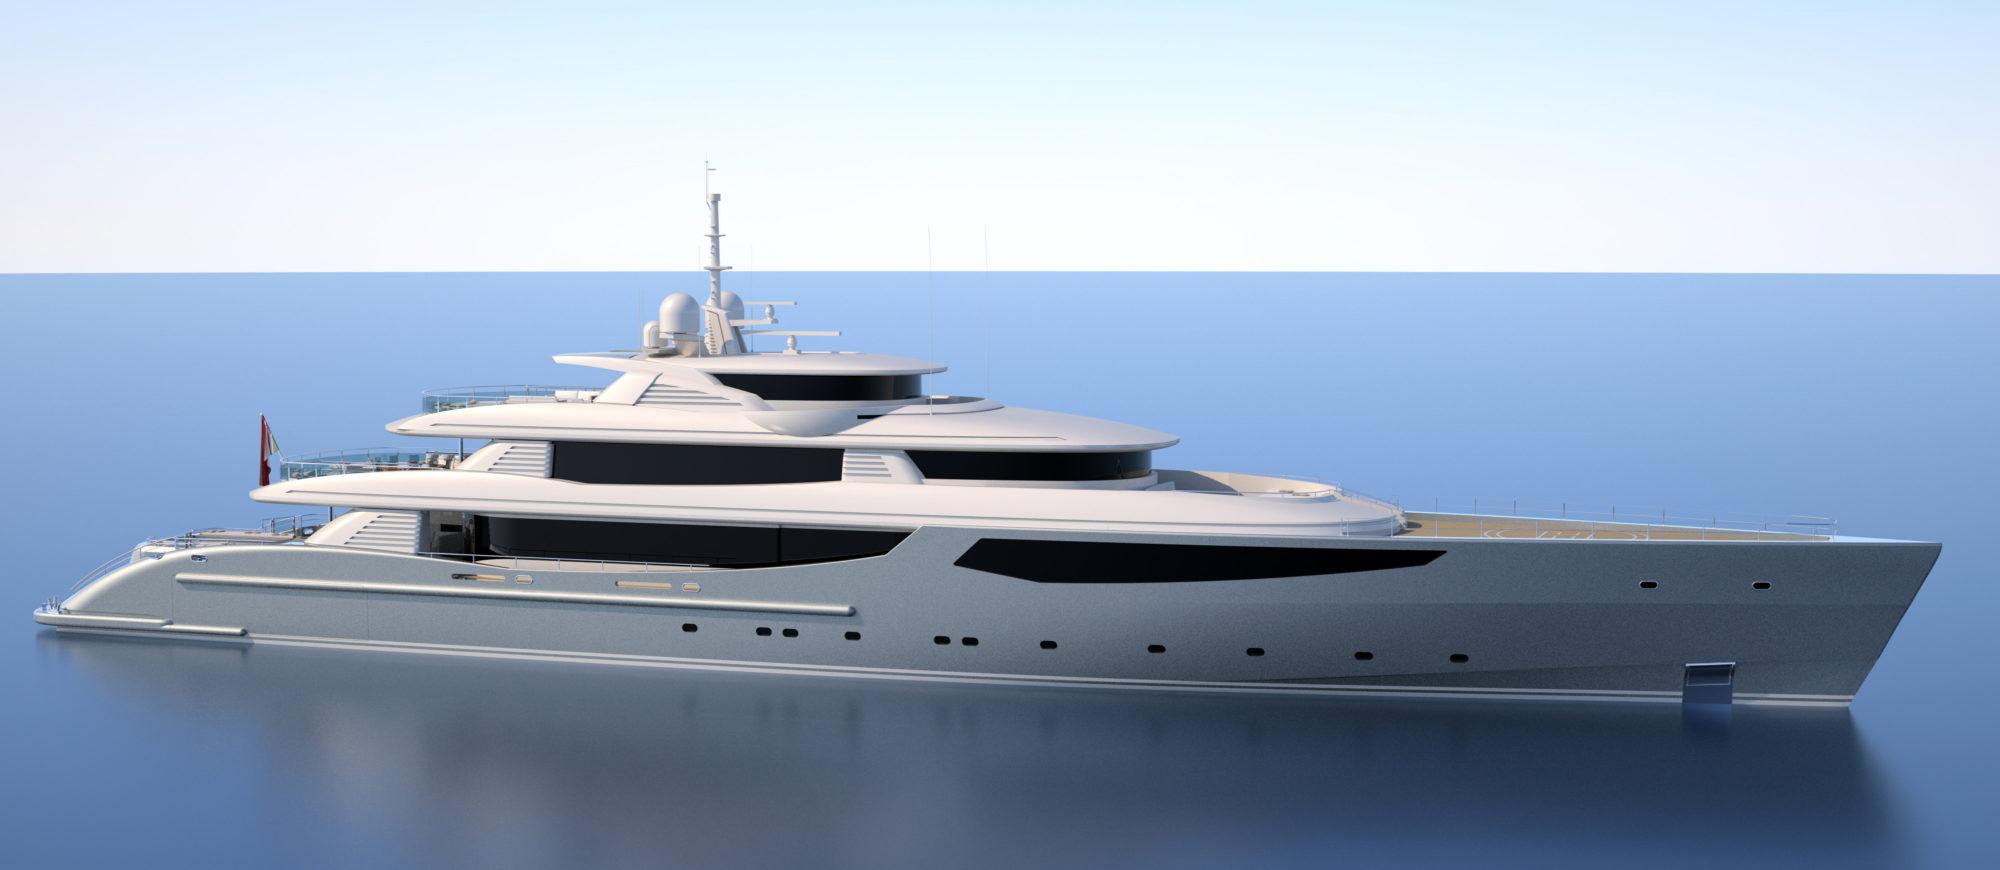 Conrad C233 Superyacht Concept Vallicelli Visualisation Exterior 1